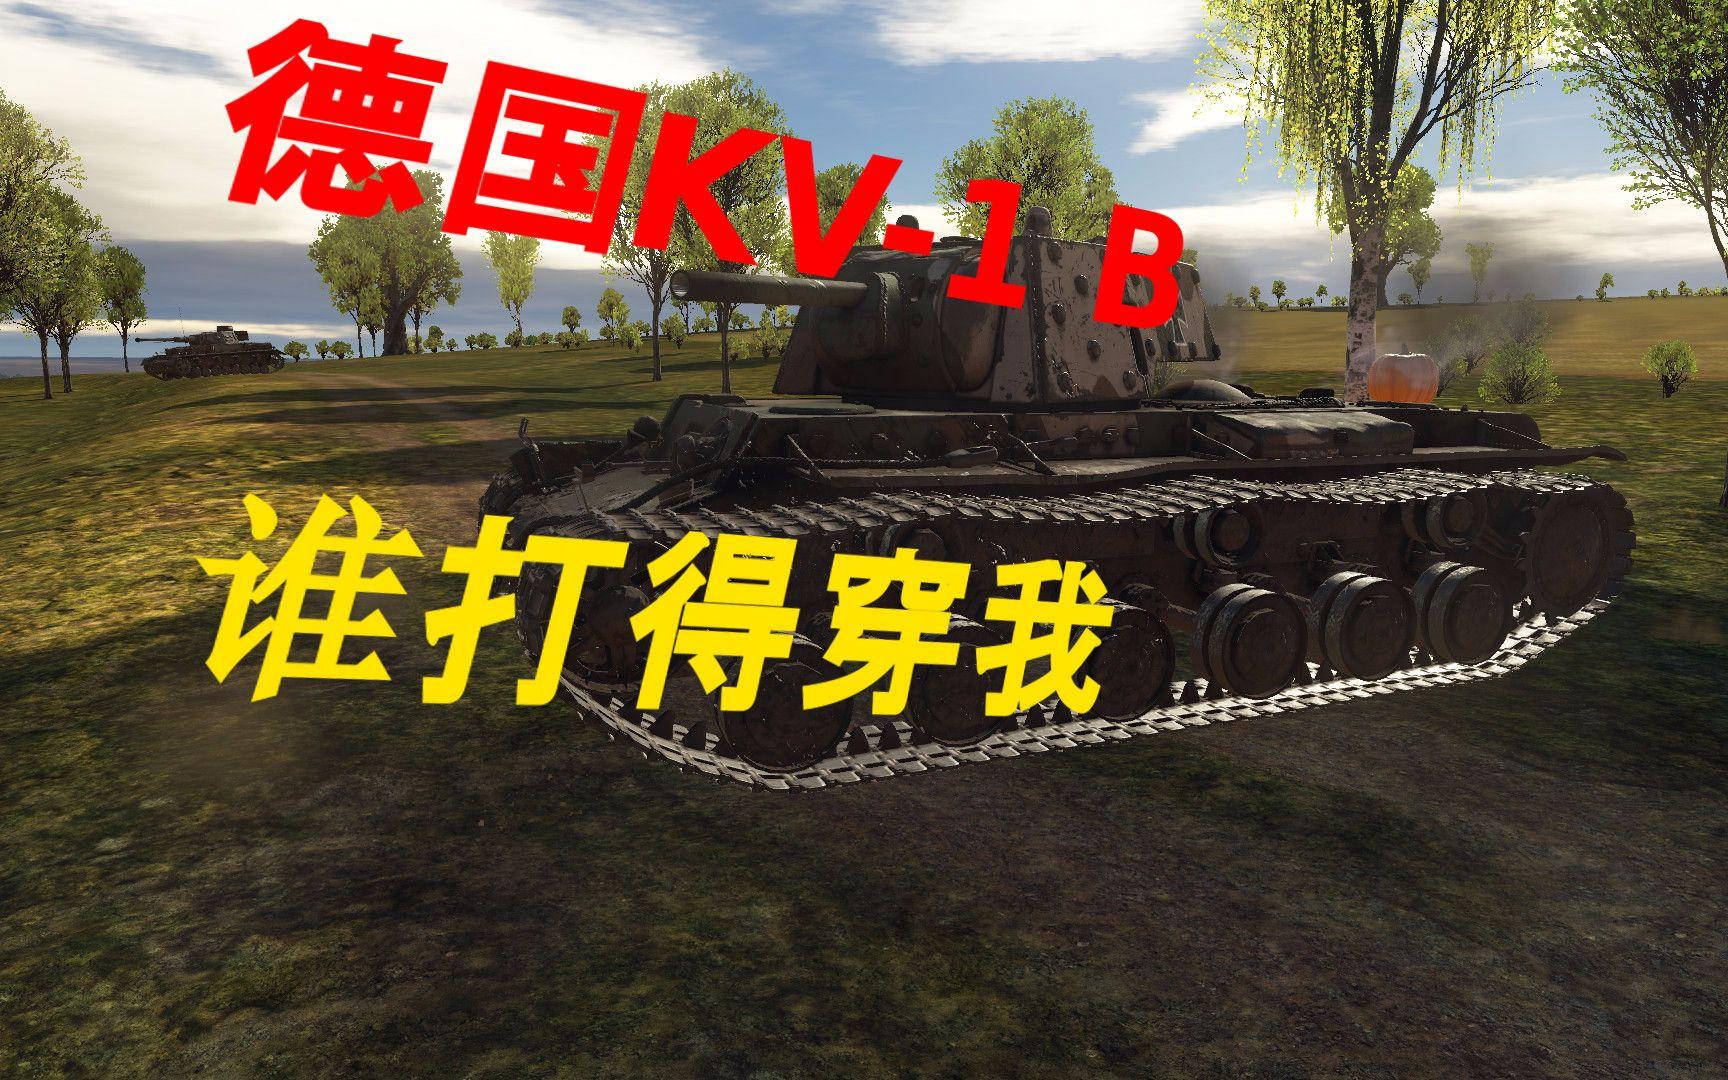 【老点】德国KV1-B 苏联人自己都无法击毁 战争雷霆